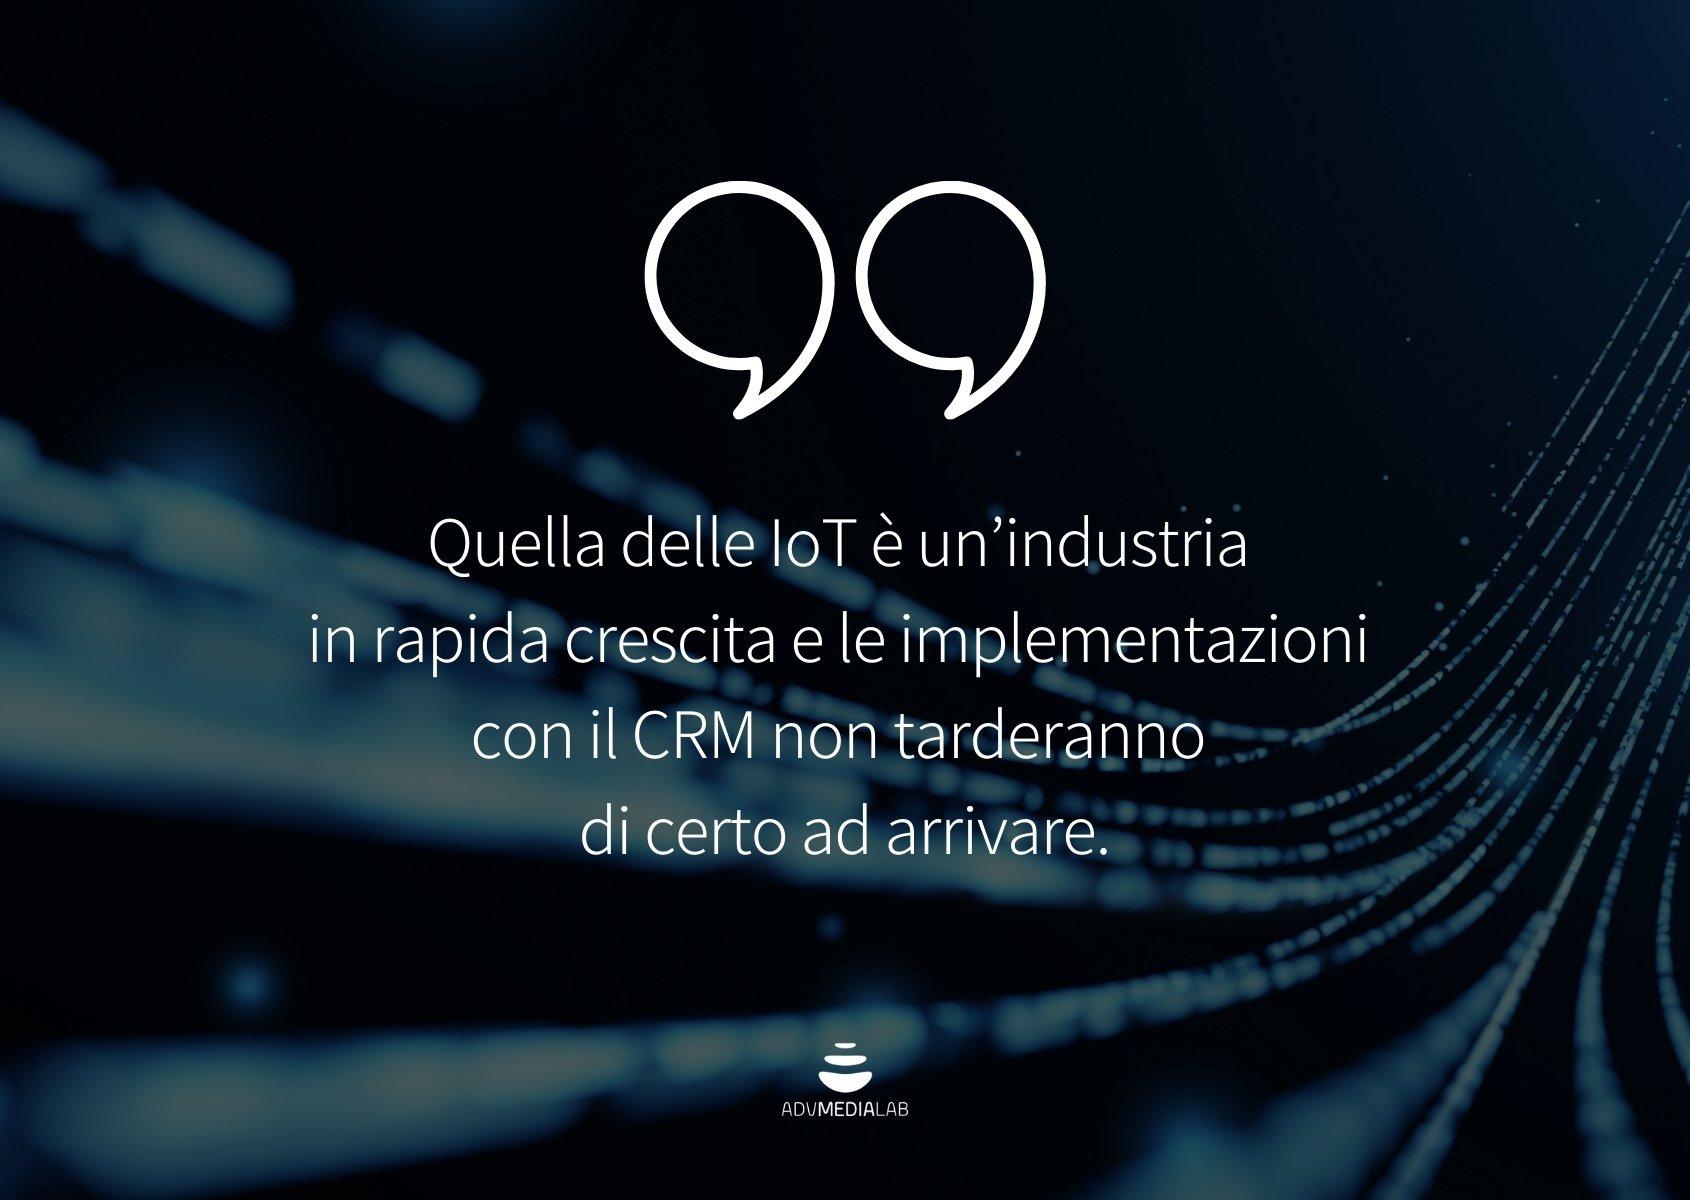 Citazione: Quella delle IoT è un'industria in rapida crescita e le implementazioni con il CRM non tarderanno di certo ad arrivare.